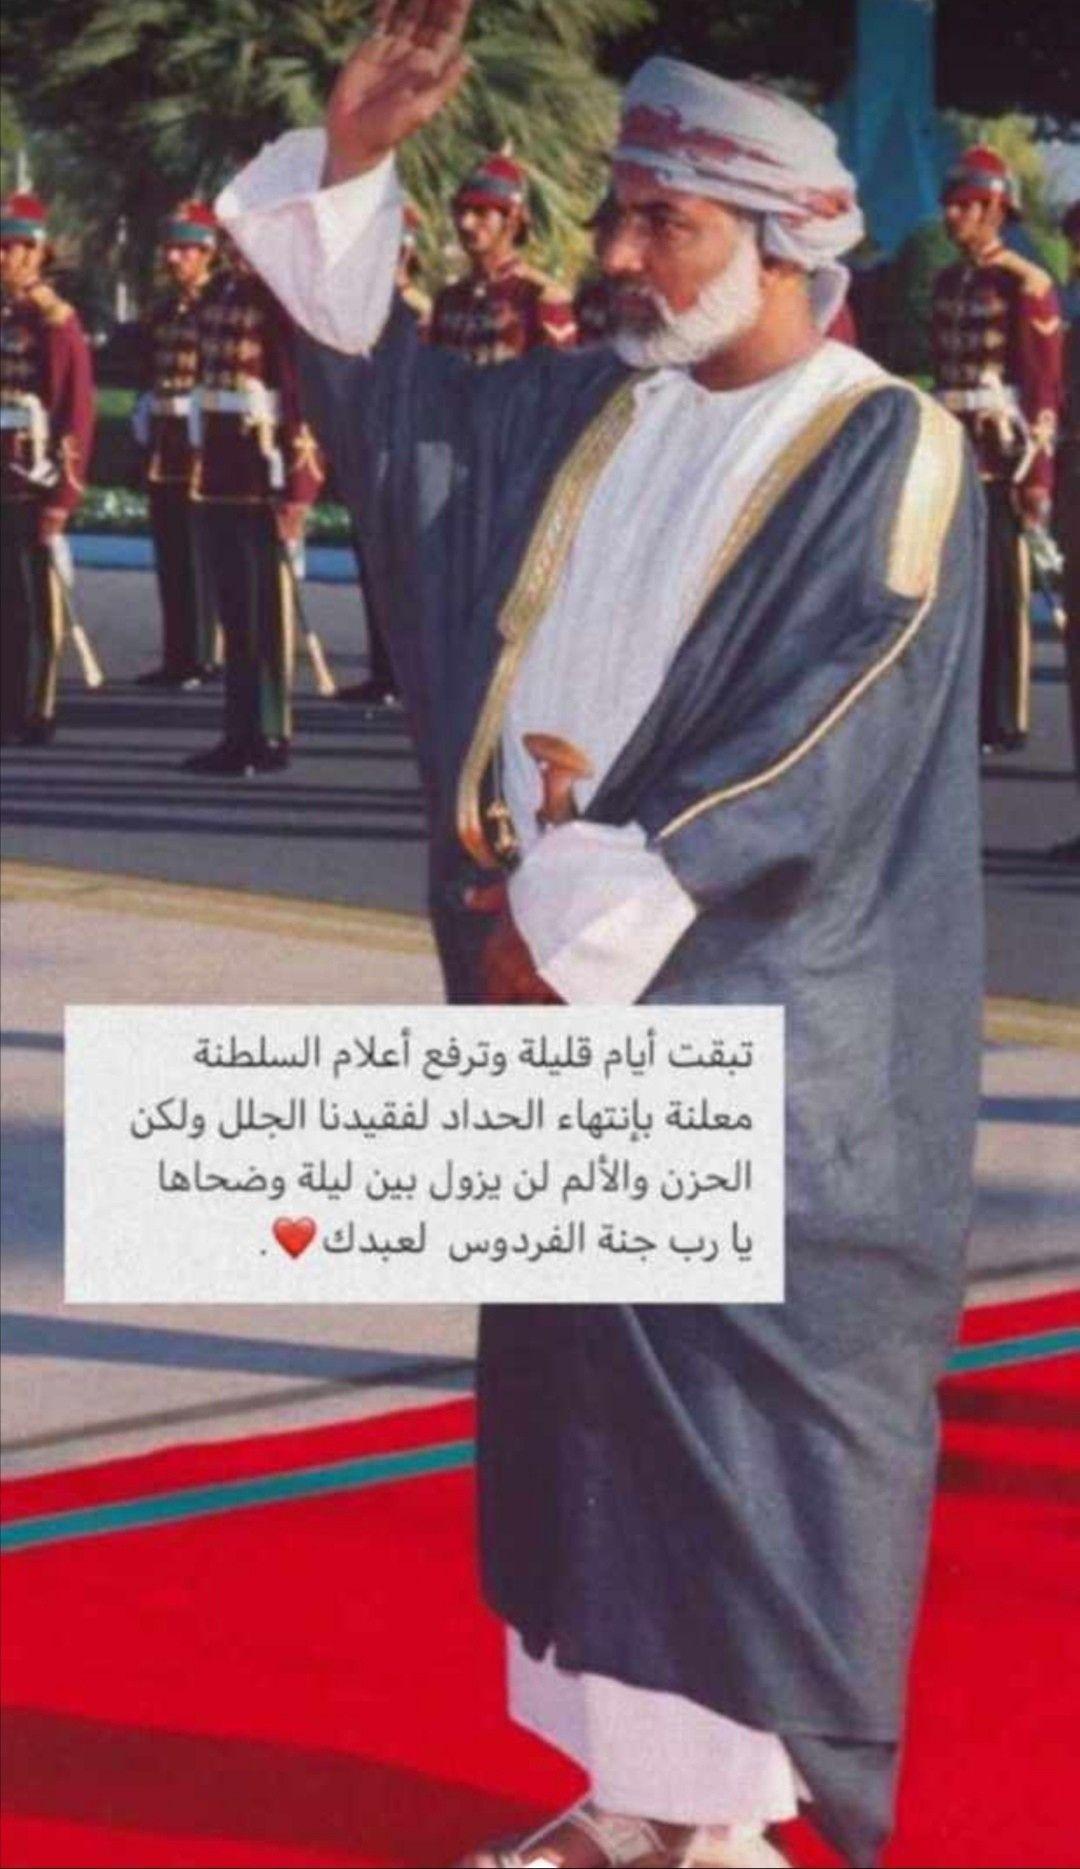 سينتهي الحداد يارجل السلام و ترفع الإعلام مجددا و لكن حداد قلوبنا باق Sultan Qaboos Sultan Oman Sultan